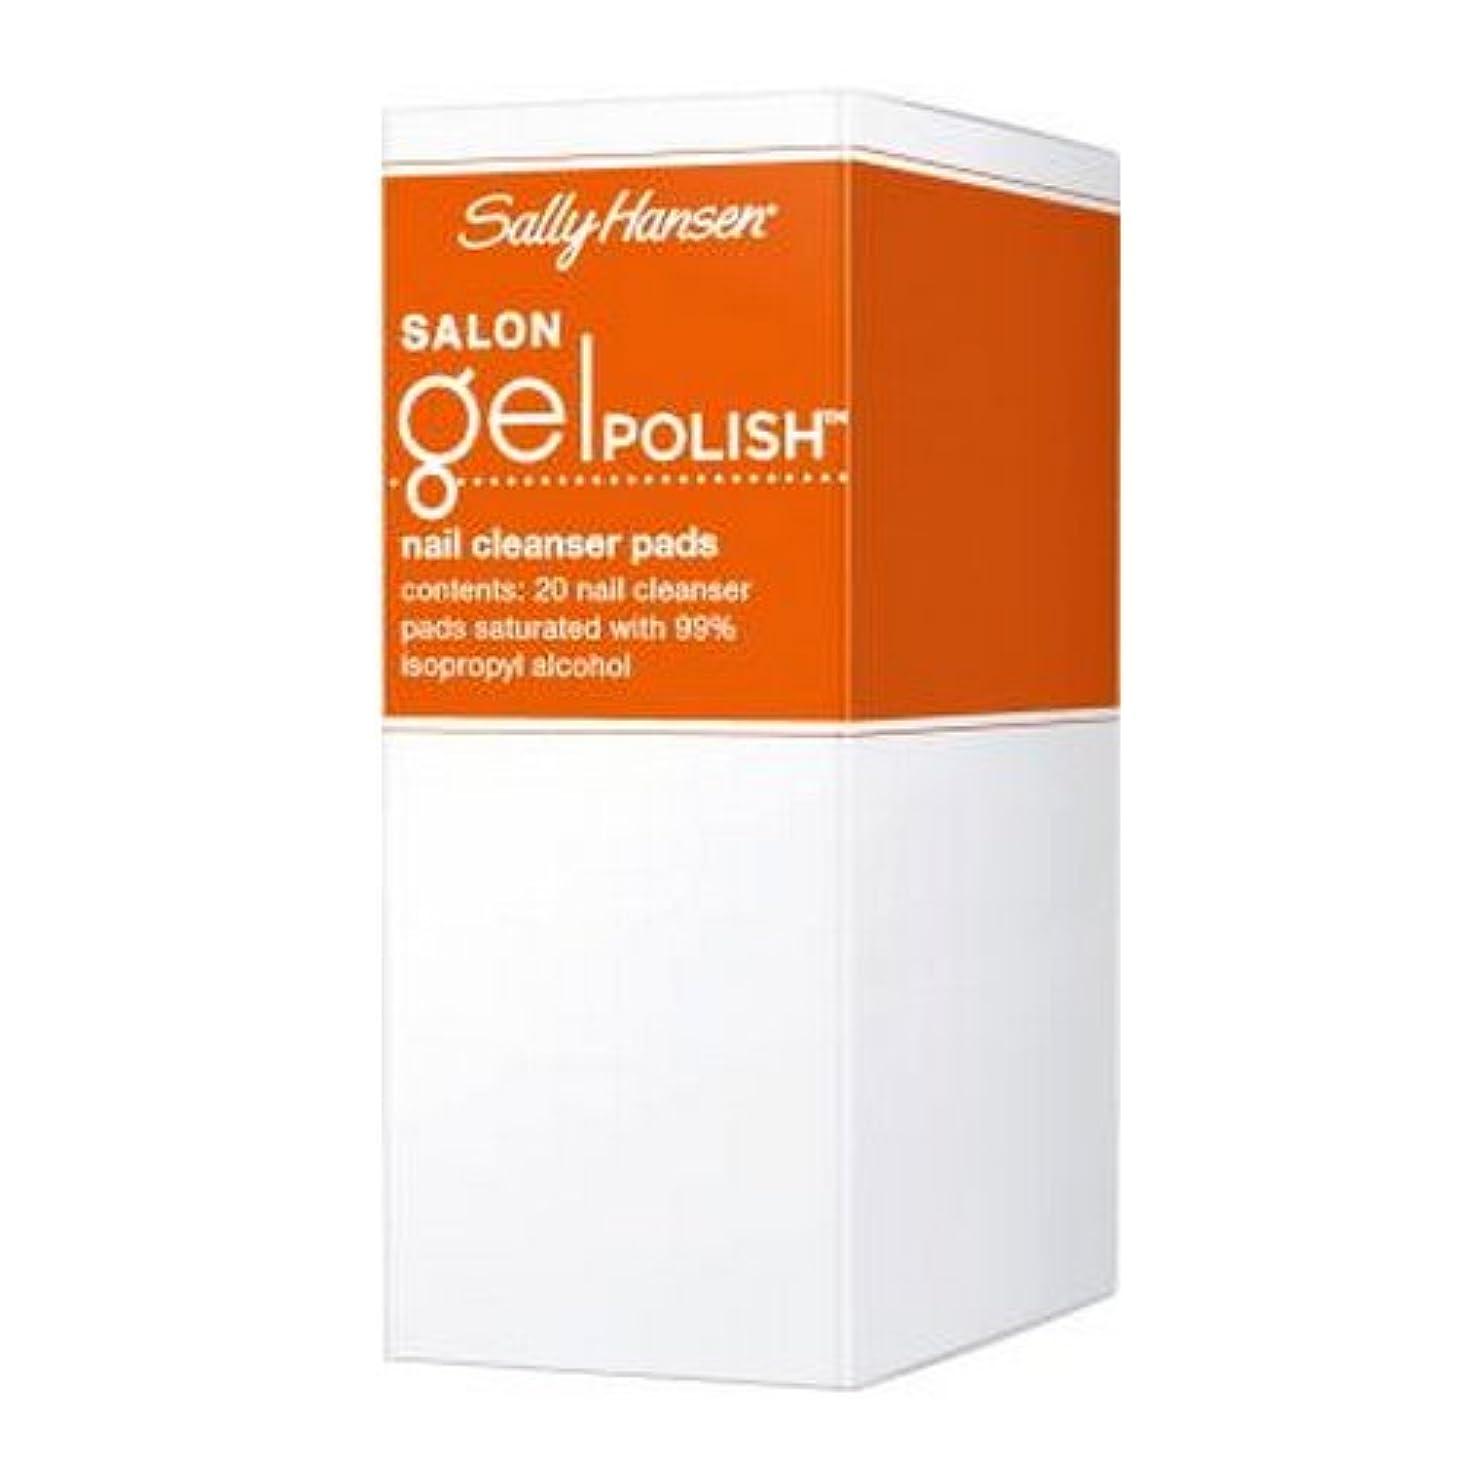 尽きる説明する有毒(6 Pack) SALLY HANSEN Salon Gel Polish Nail Cleanser Pads - Gel Polish Cleanser Pads (並行輸入品)